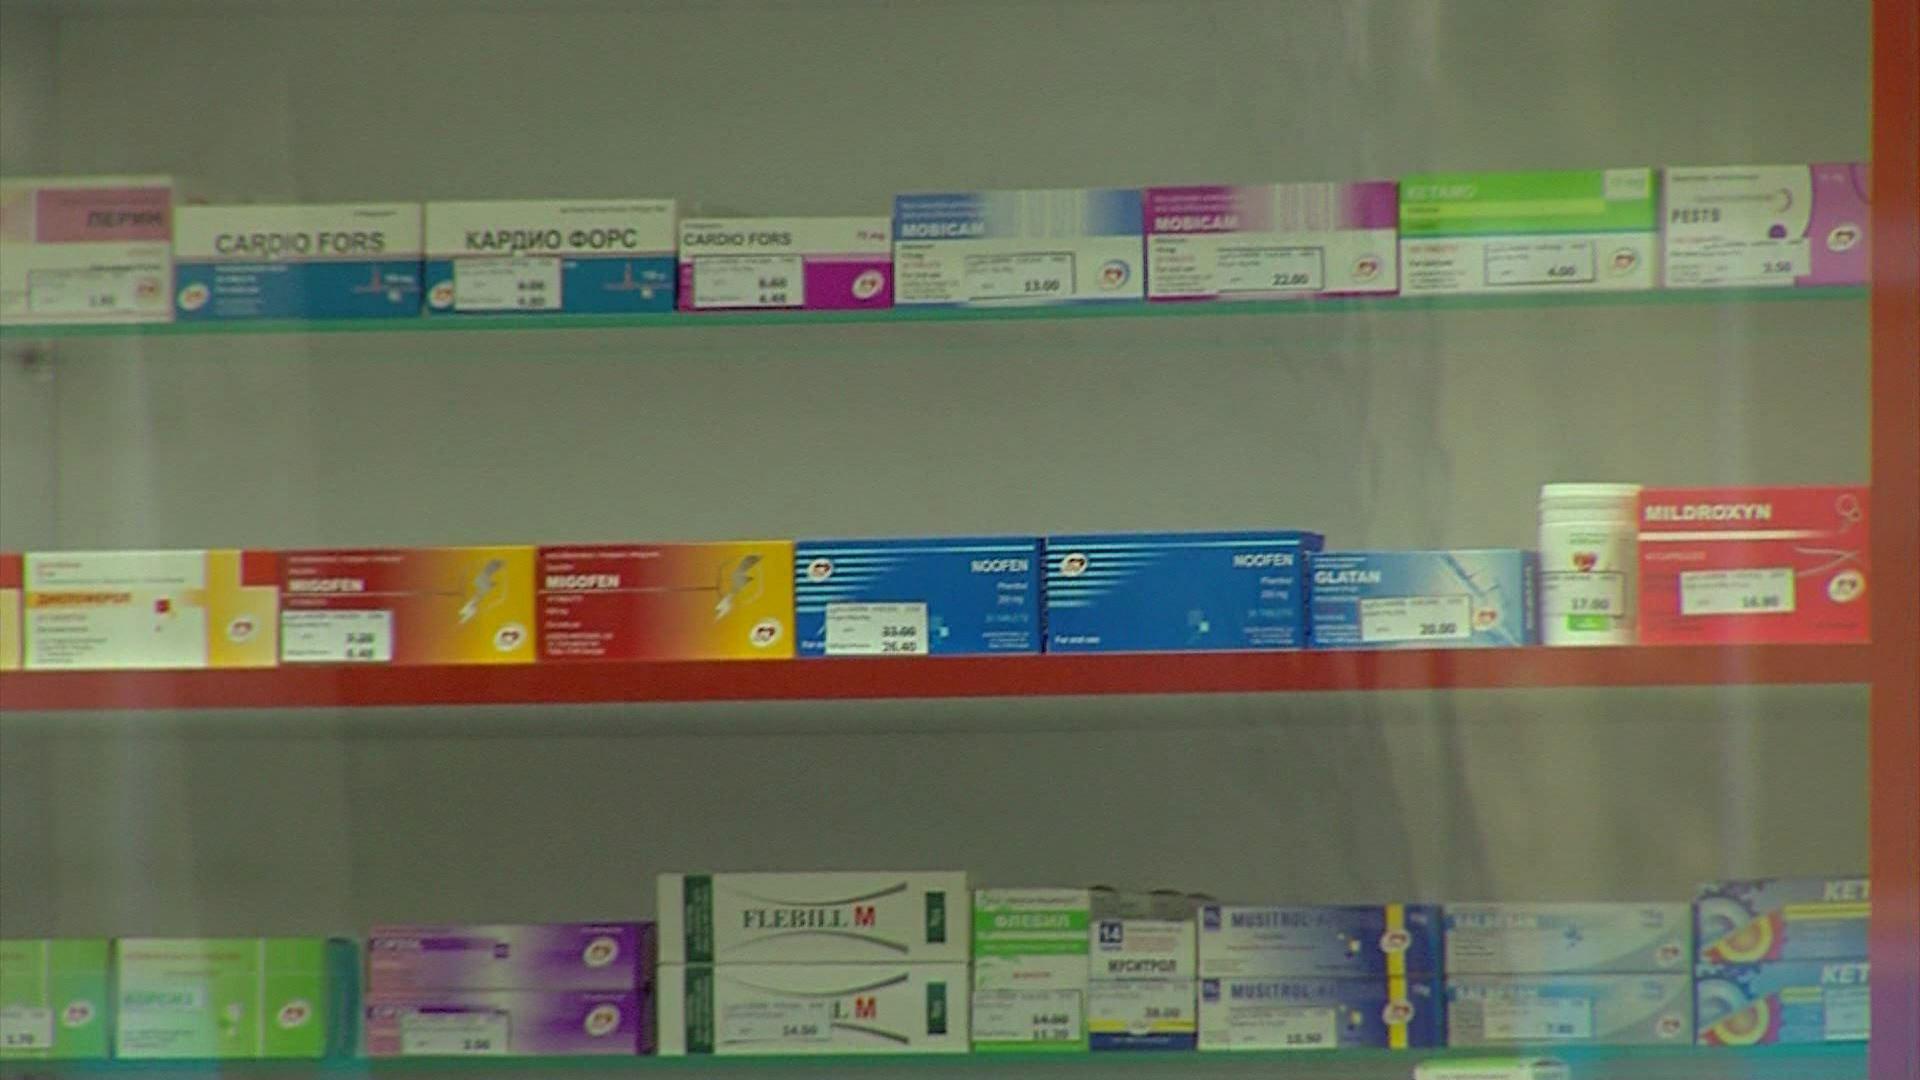 საფრთხის შემცველი მედიკამენტები